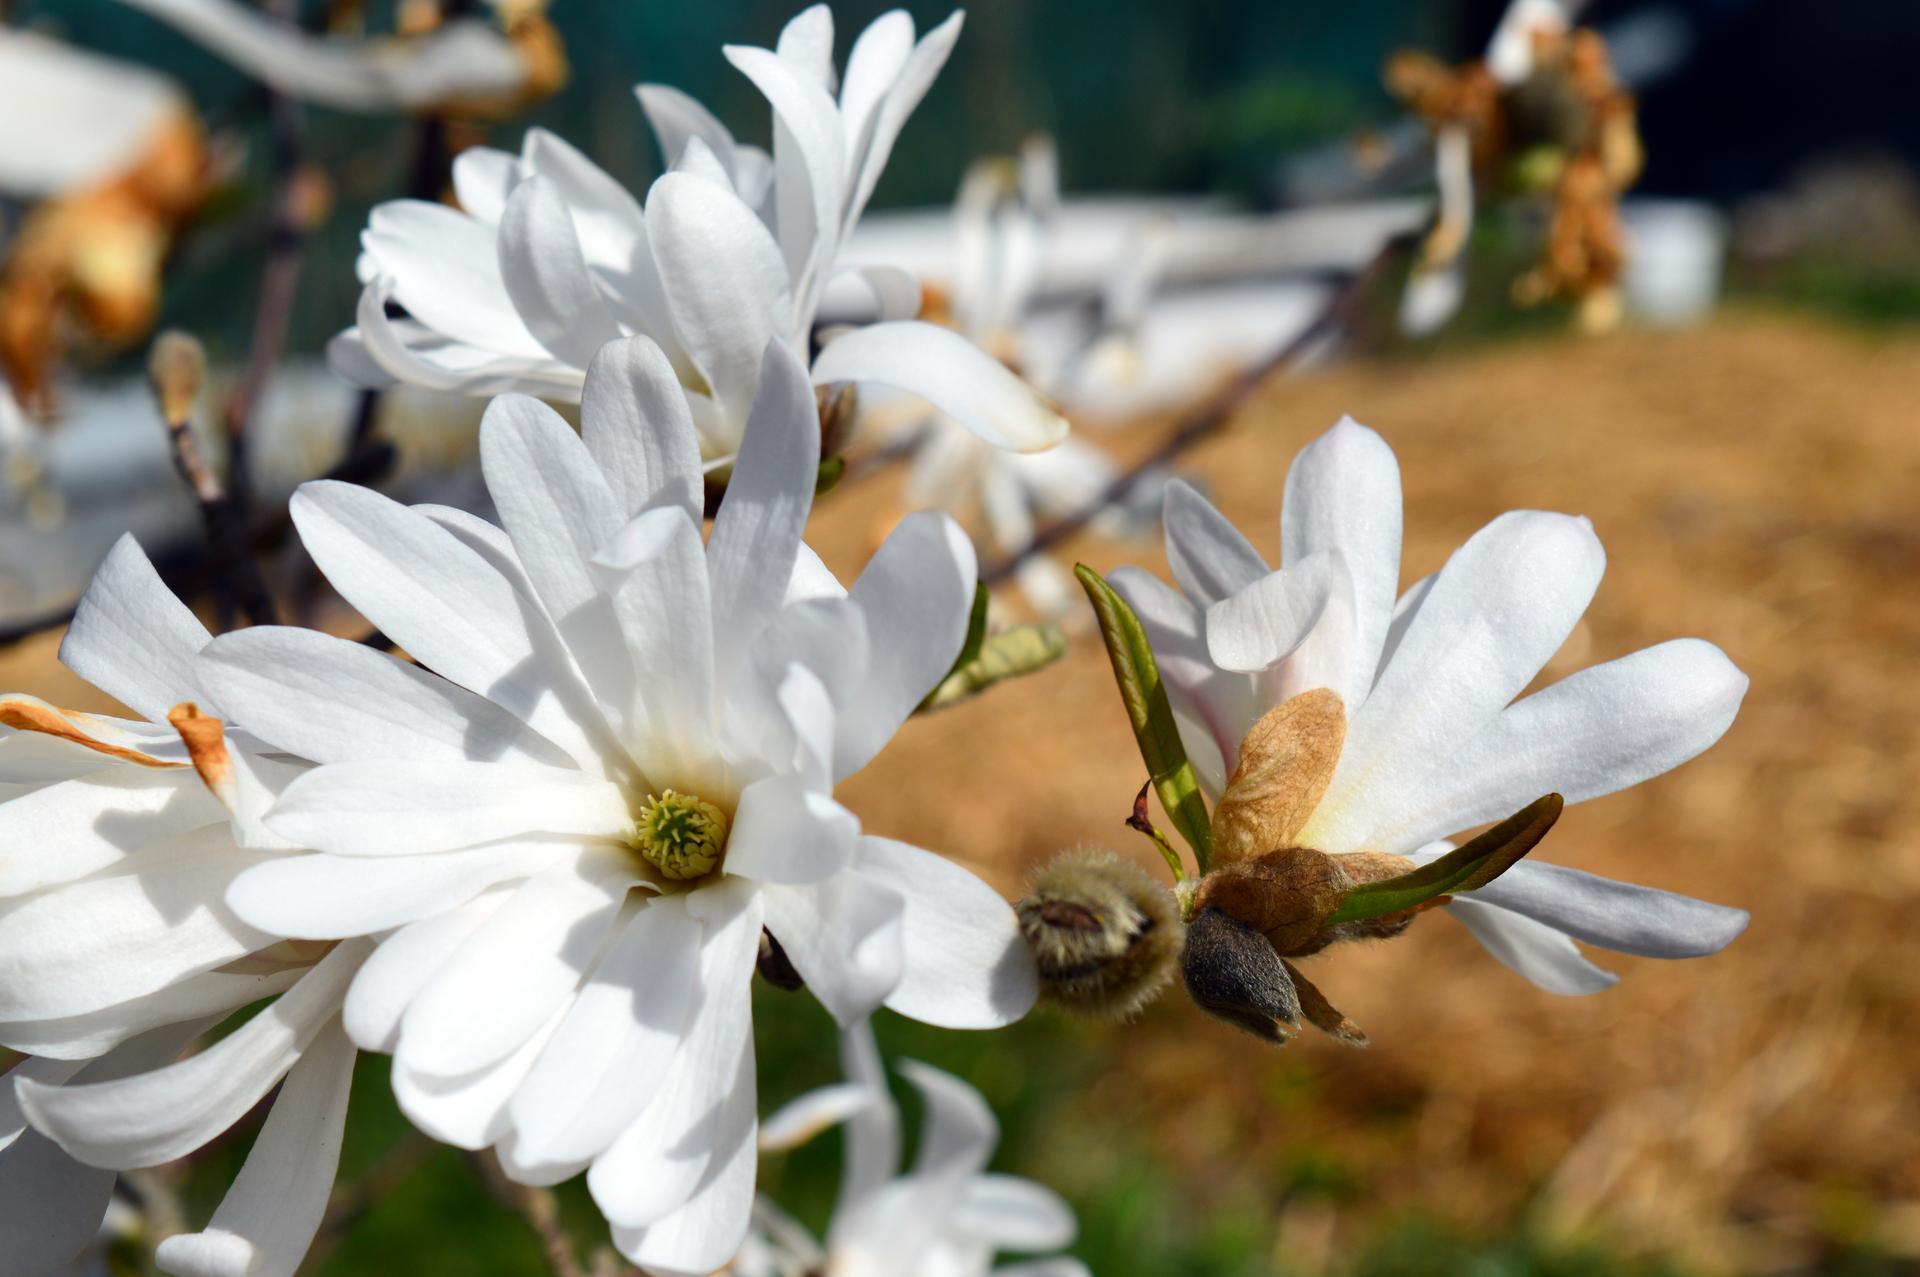 Naša prírodná perma záhradka v roku 2020 - stelka si tiež užila svoje, takže veľká časť kvetov proste ožltla, keďže vykvitá oveľa skôr ako ružová magnólia vo dvore